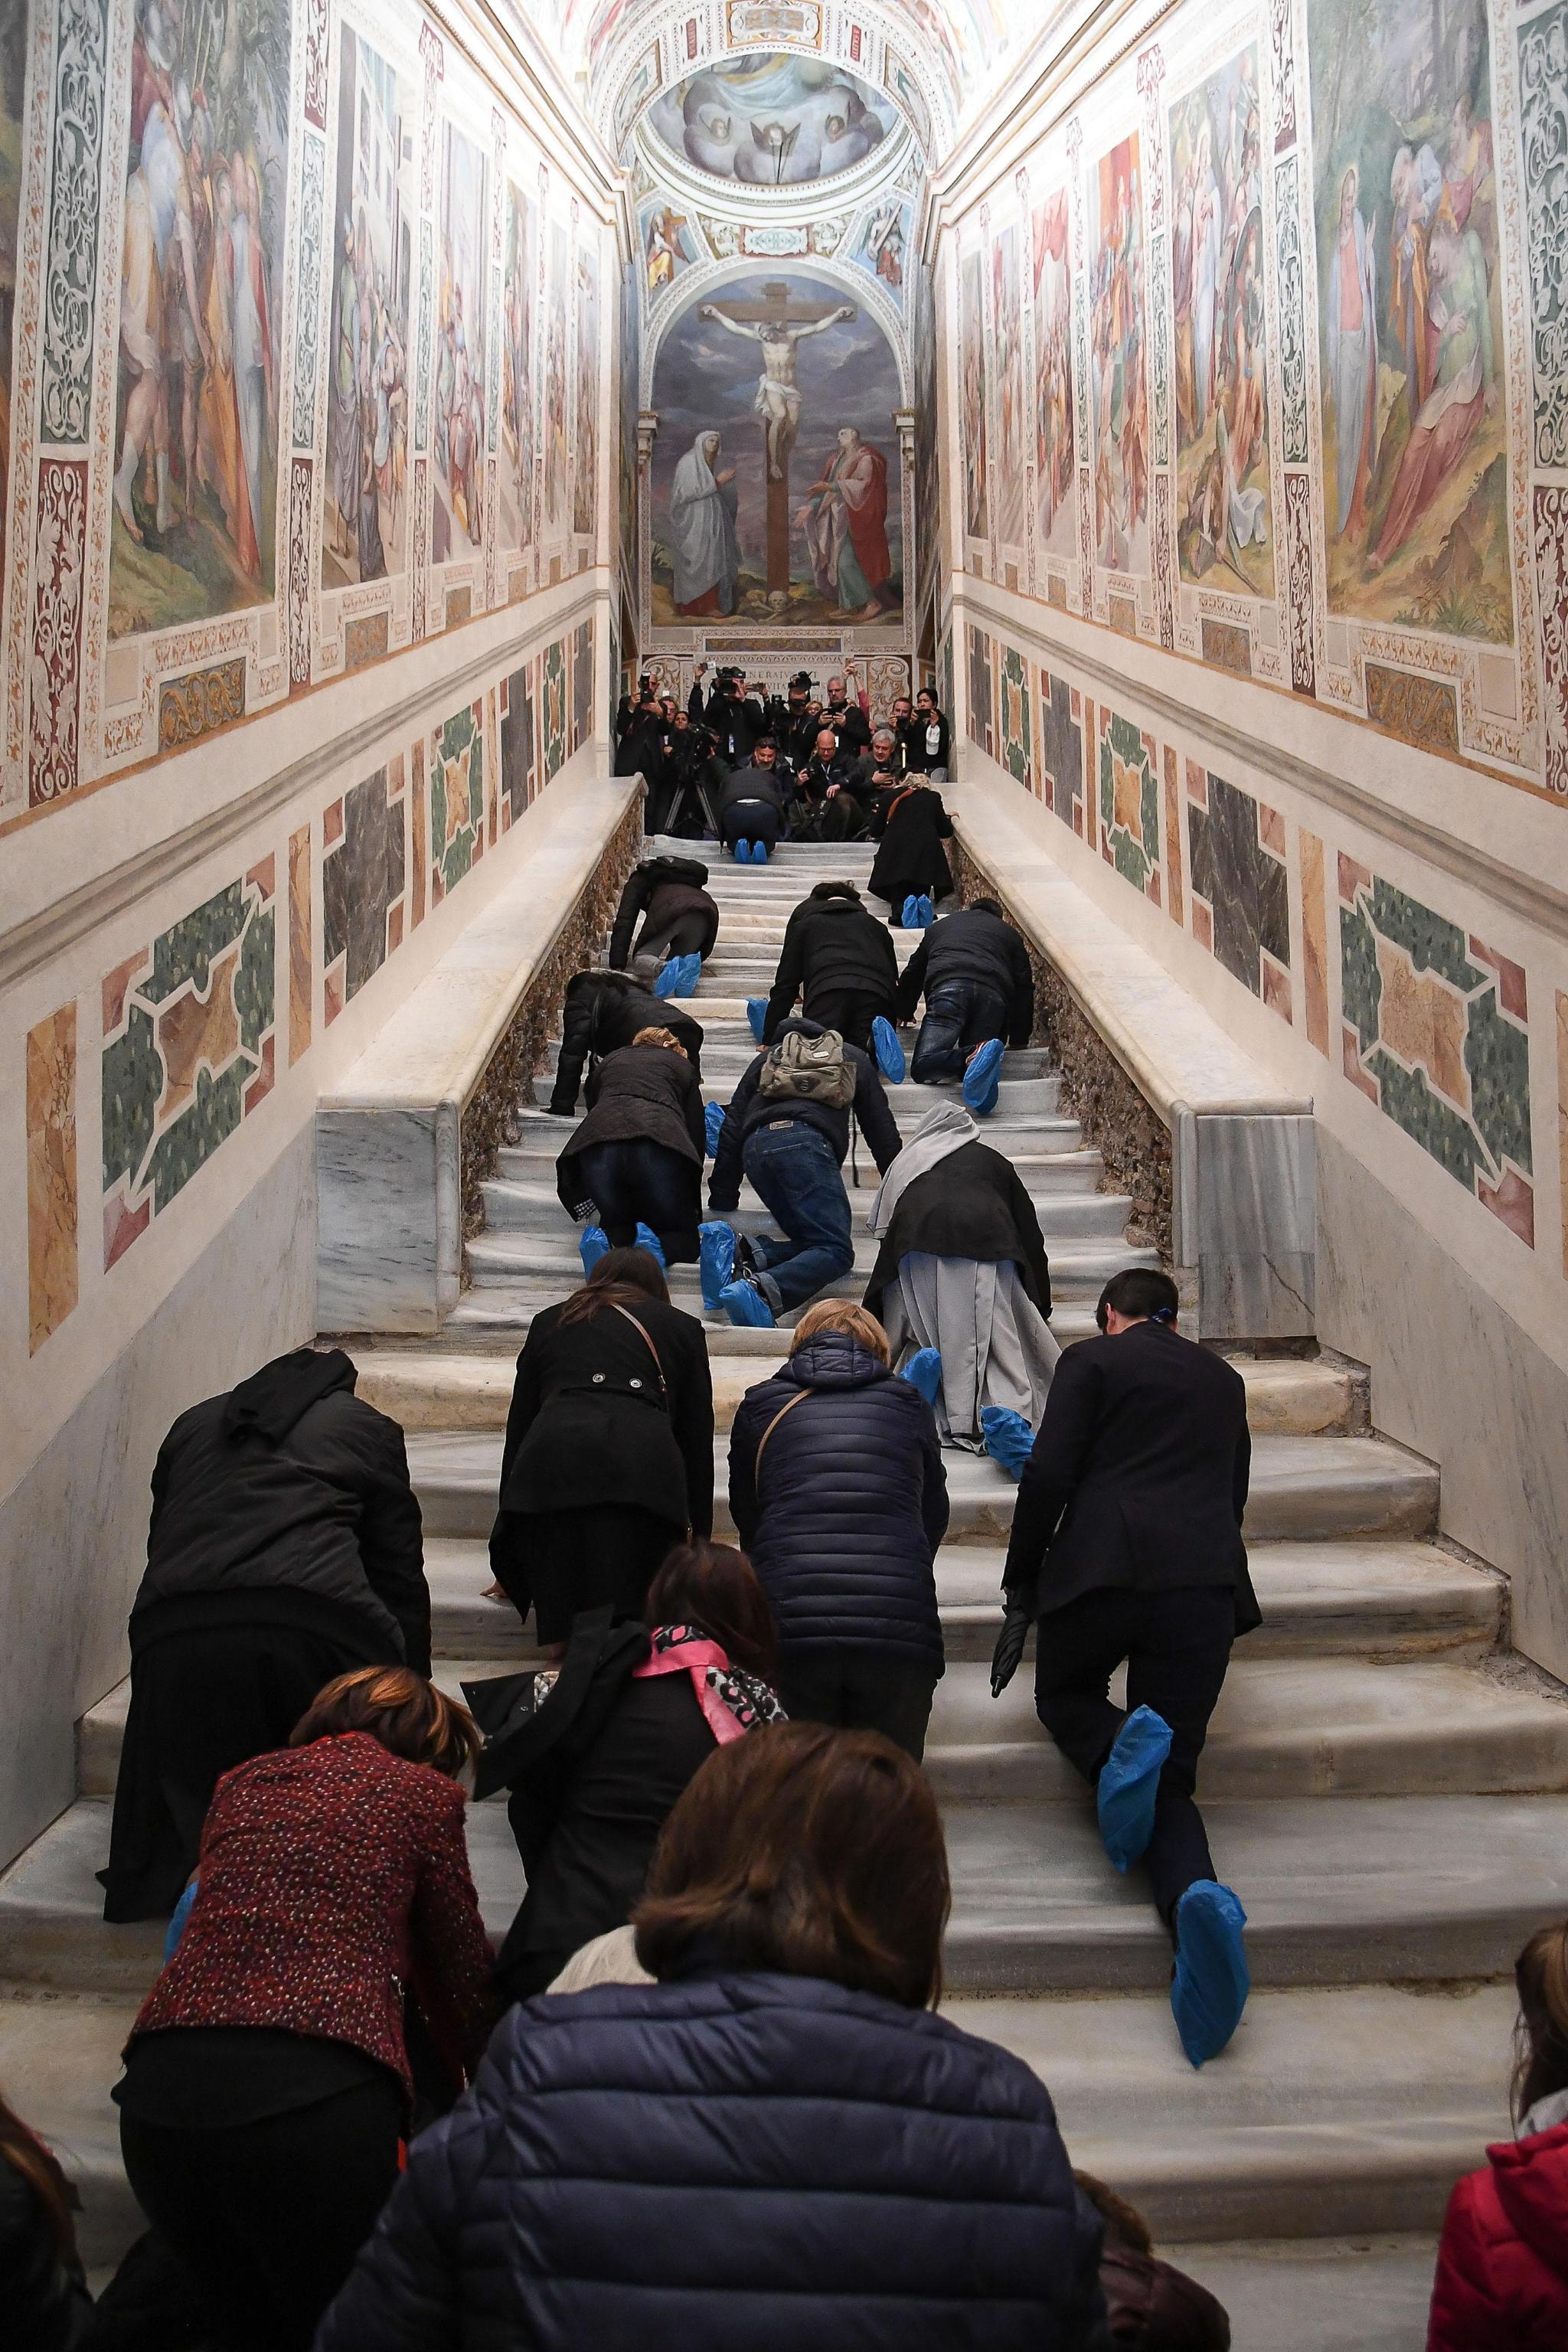 Според легендата на единадесетото стъпало е покапала кръвта на Христос. Стълбата толкова се е износила през вековете, че на места стъпалата били вдлъбнати с 15 сантиметра от пълзенето на вярващите. Това наложило те да бъдат покрити.